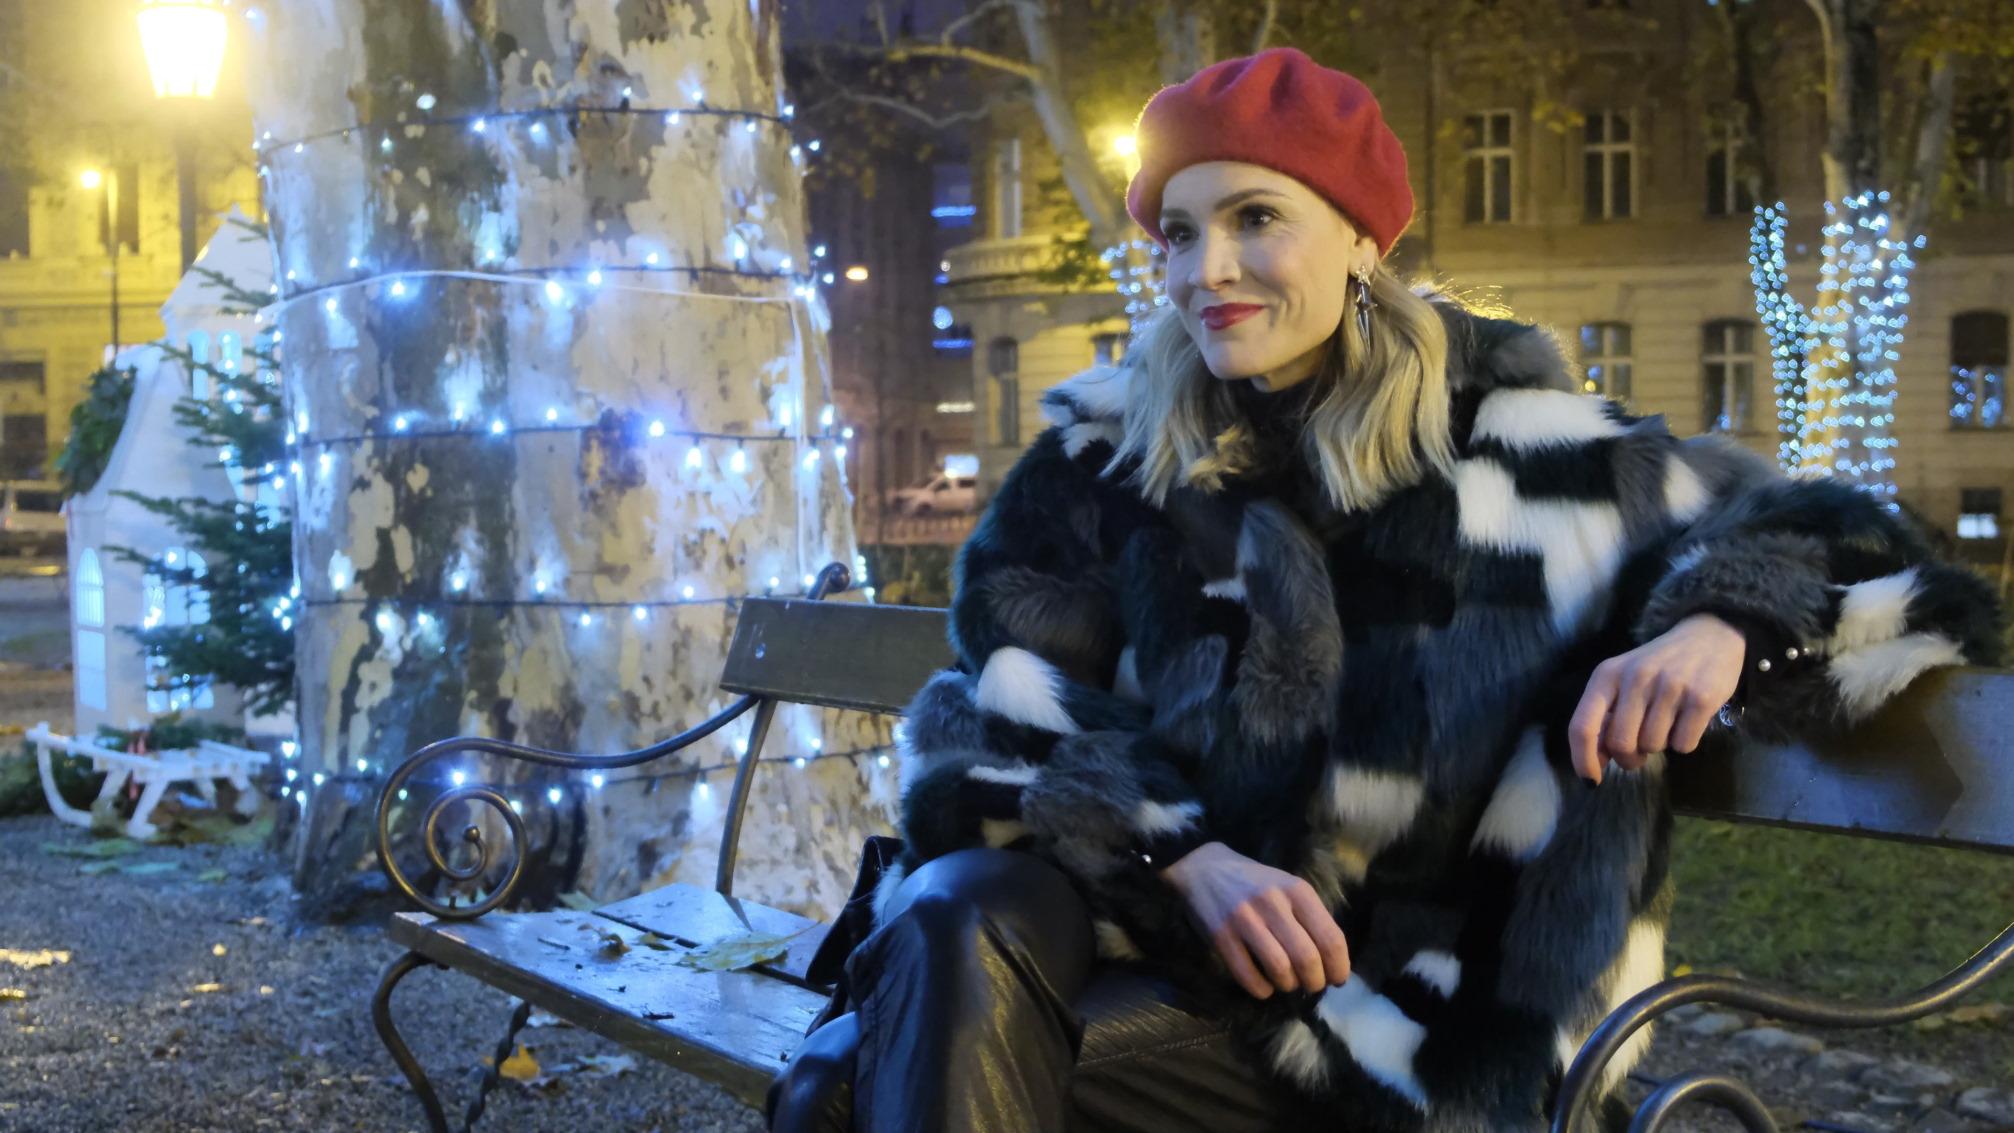 Extravagant interview: Ana Radišić